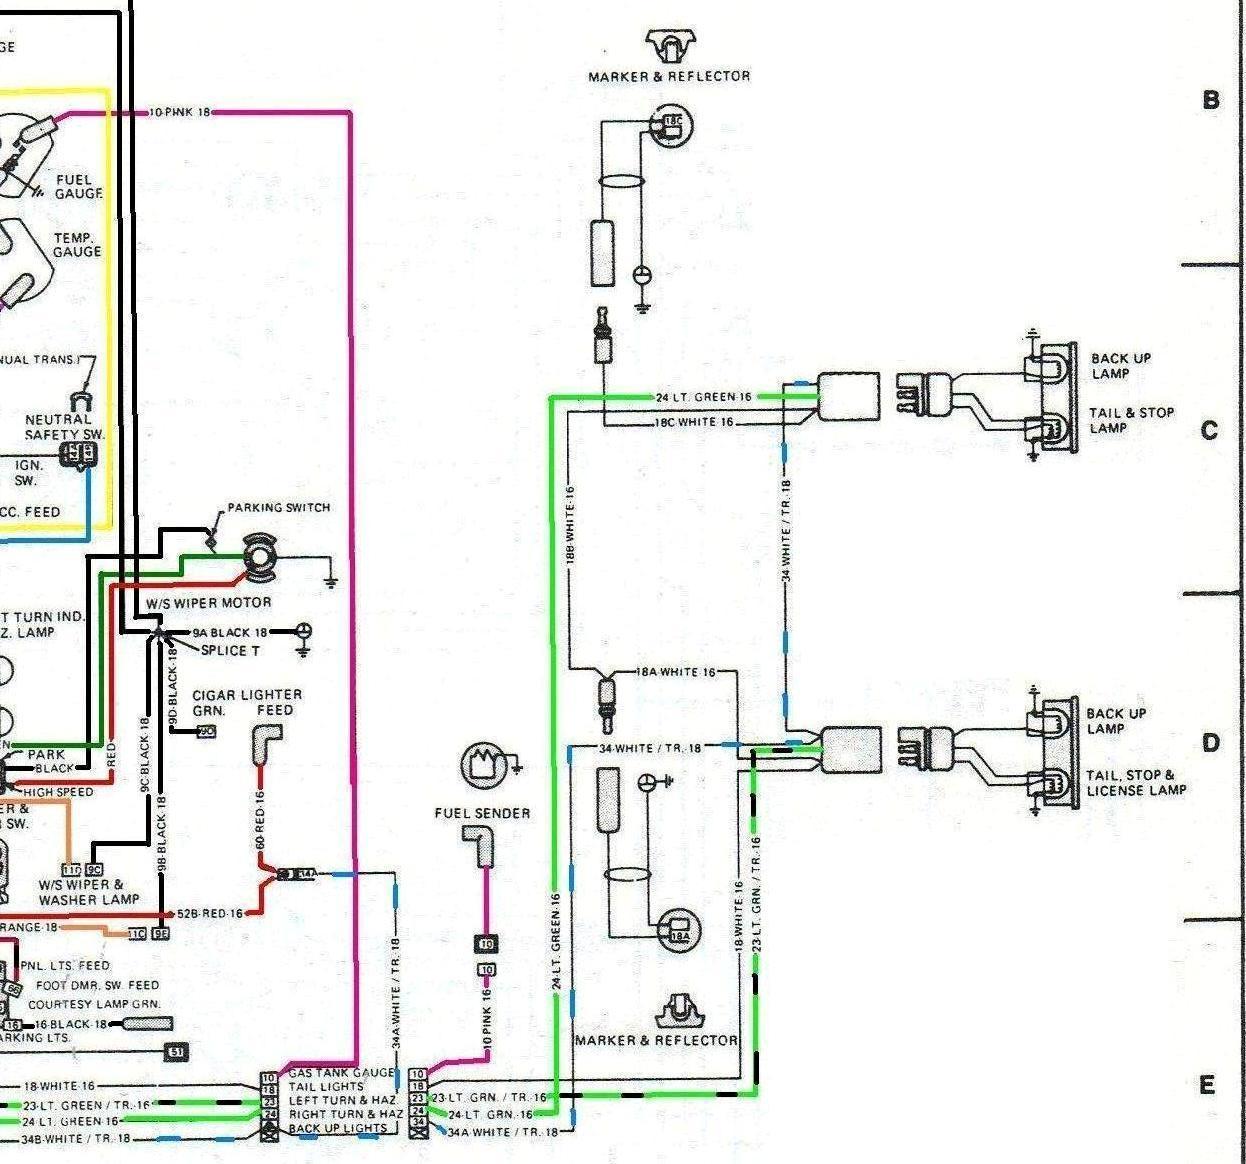 Jeep Cj7 Light Switch Wiring Diagram - Wiring Diagram Directory Jeep Cj Alternator Wiring Diagram on jeep cj5 ignition wiring, jeep cj5 wiper motor wiring, jeep cj5 gauge wiring, jeep cj5 wiring schematic,